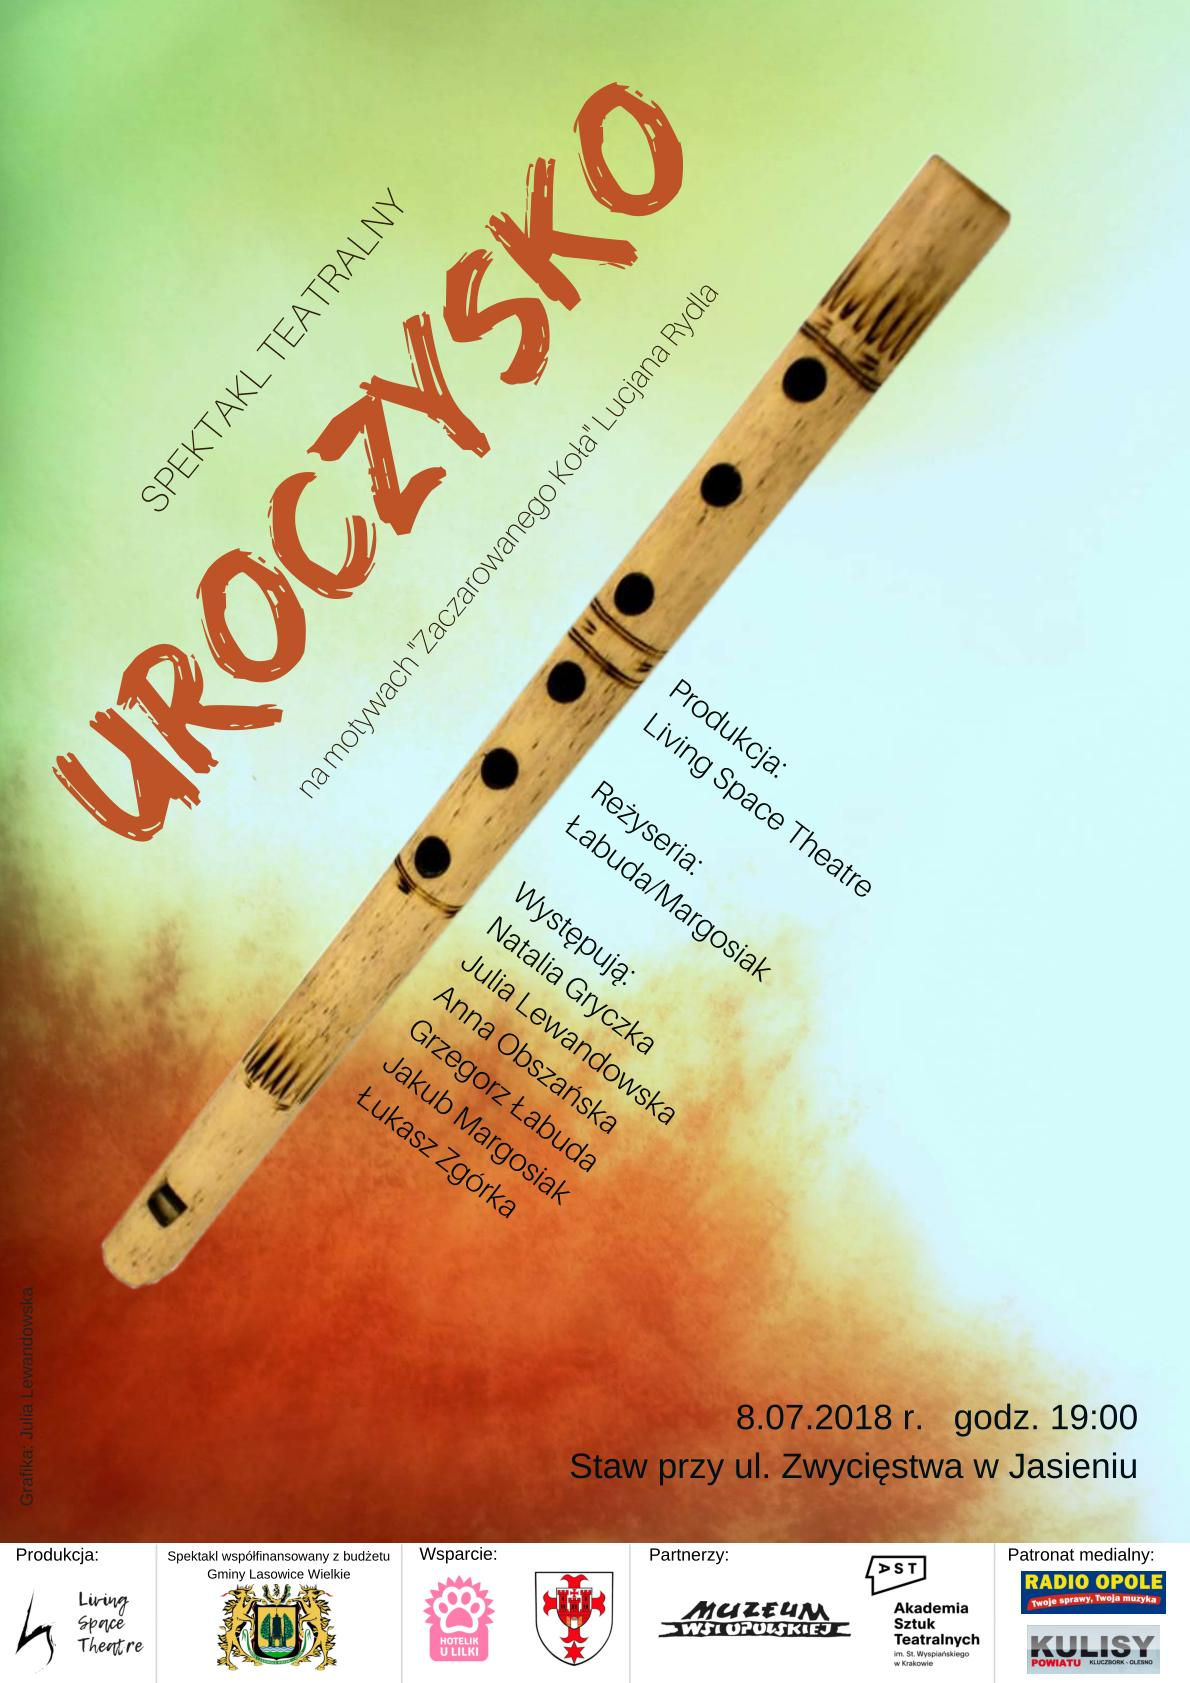 Przedpremierowy pokaz spektaklu 'Uroczysko' odbędzie się 8 lipca w Jasieniu wokół stawu przy ul. Zwycięstwa. Wstęp wolny!